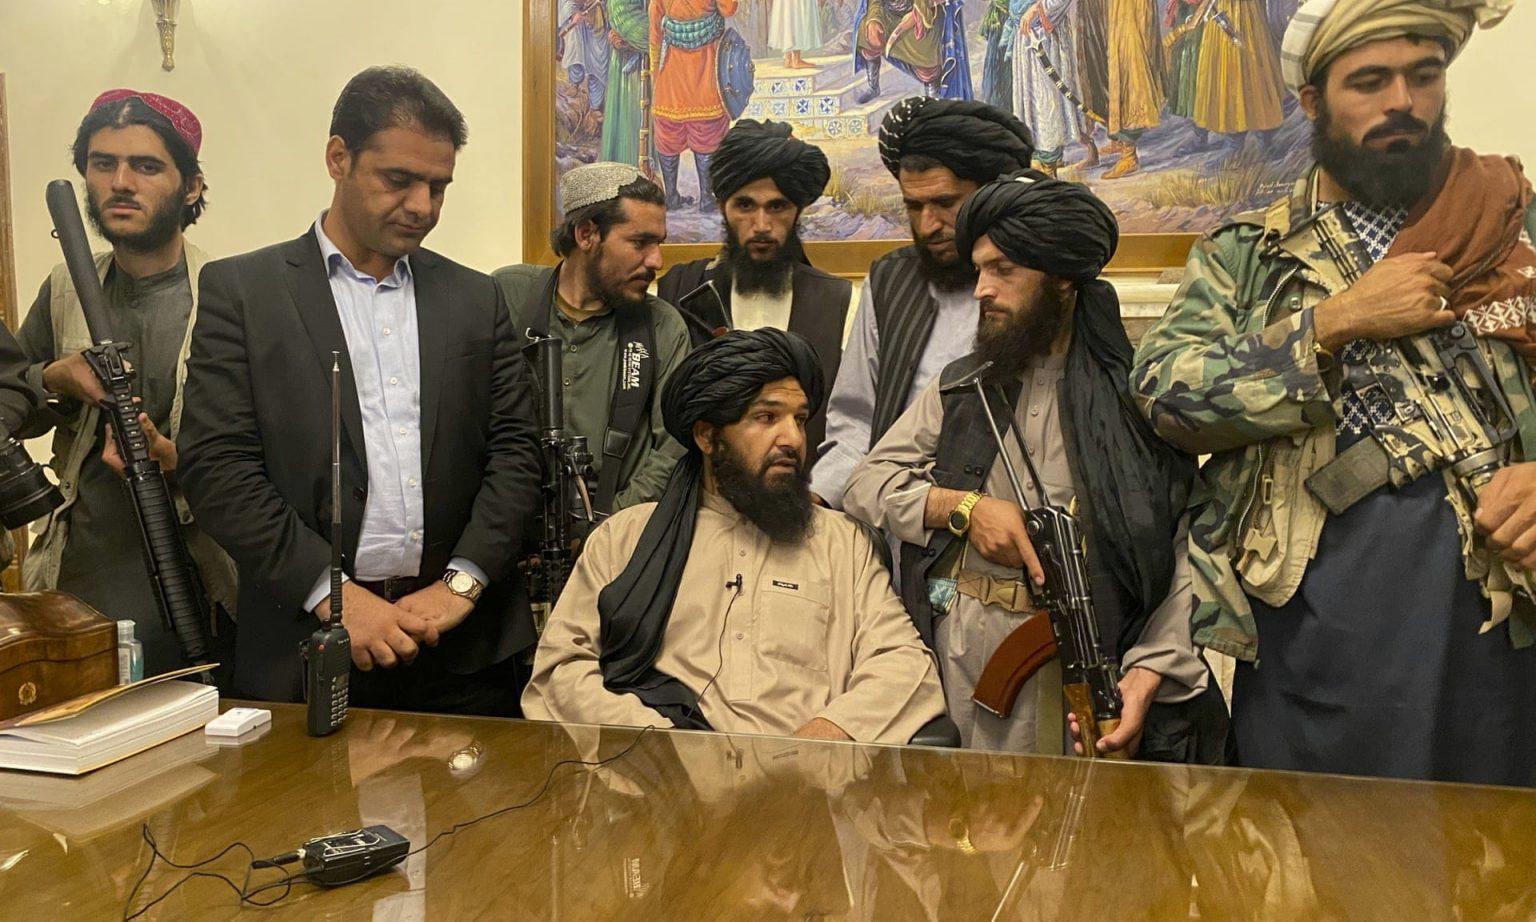 अफगानिस्तानलाई मानवीय सहायता गर्न अमेरिका सहमत